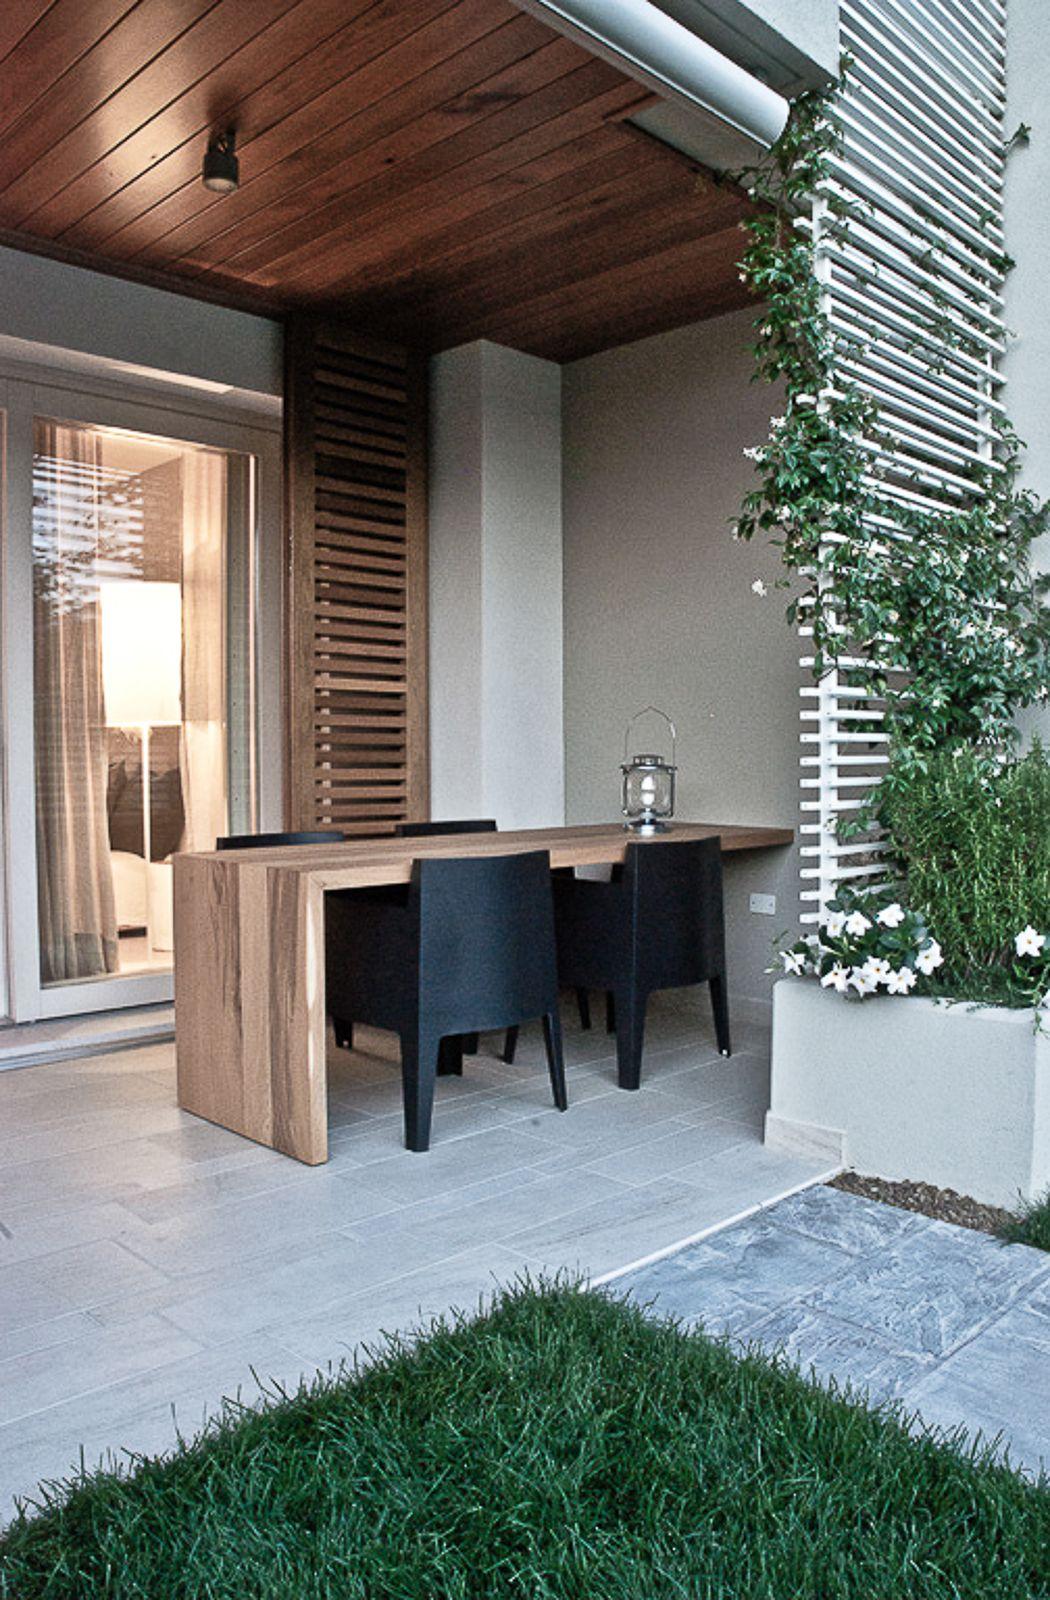 Casa al mare 2 nel 2020 Design per patio, Idee per patio